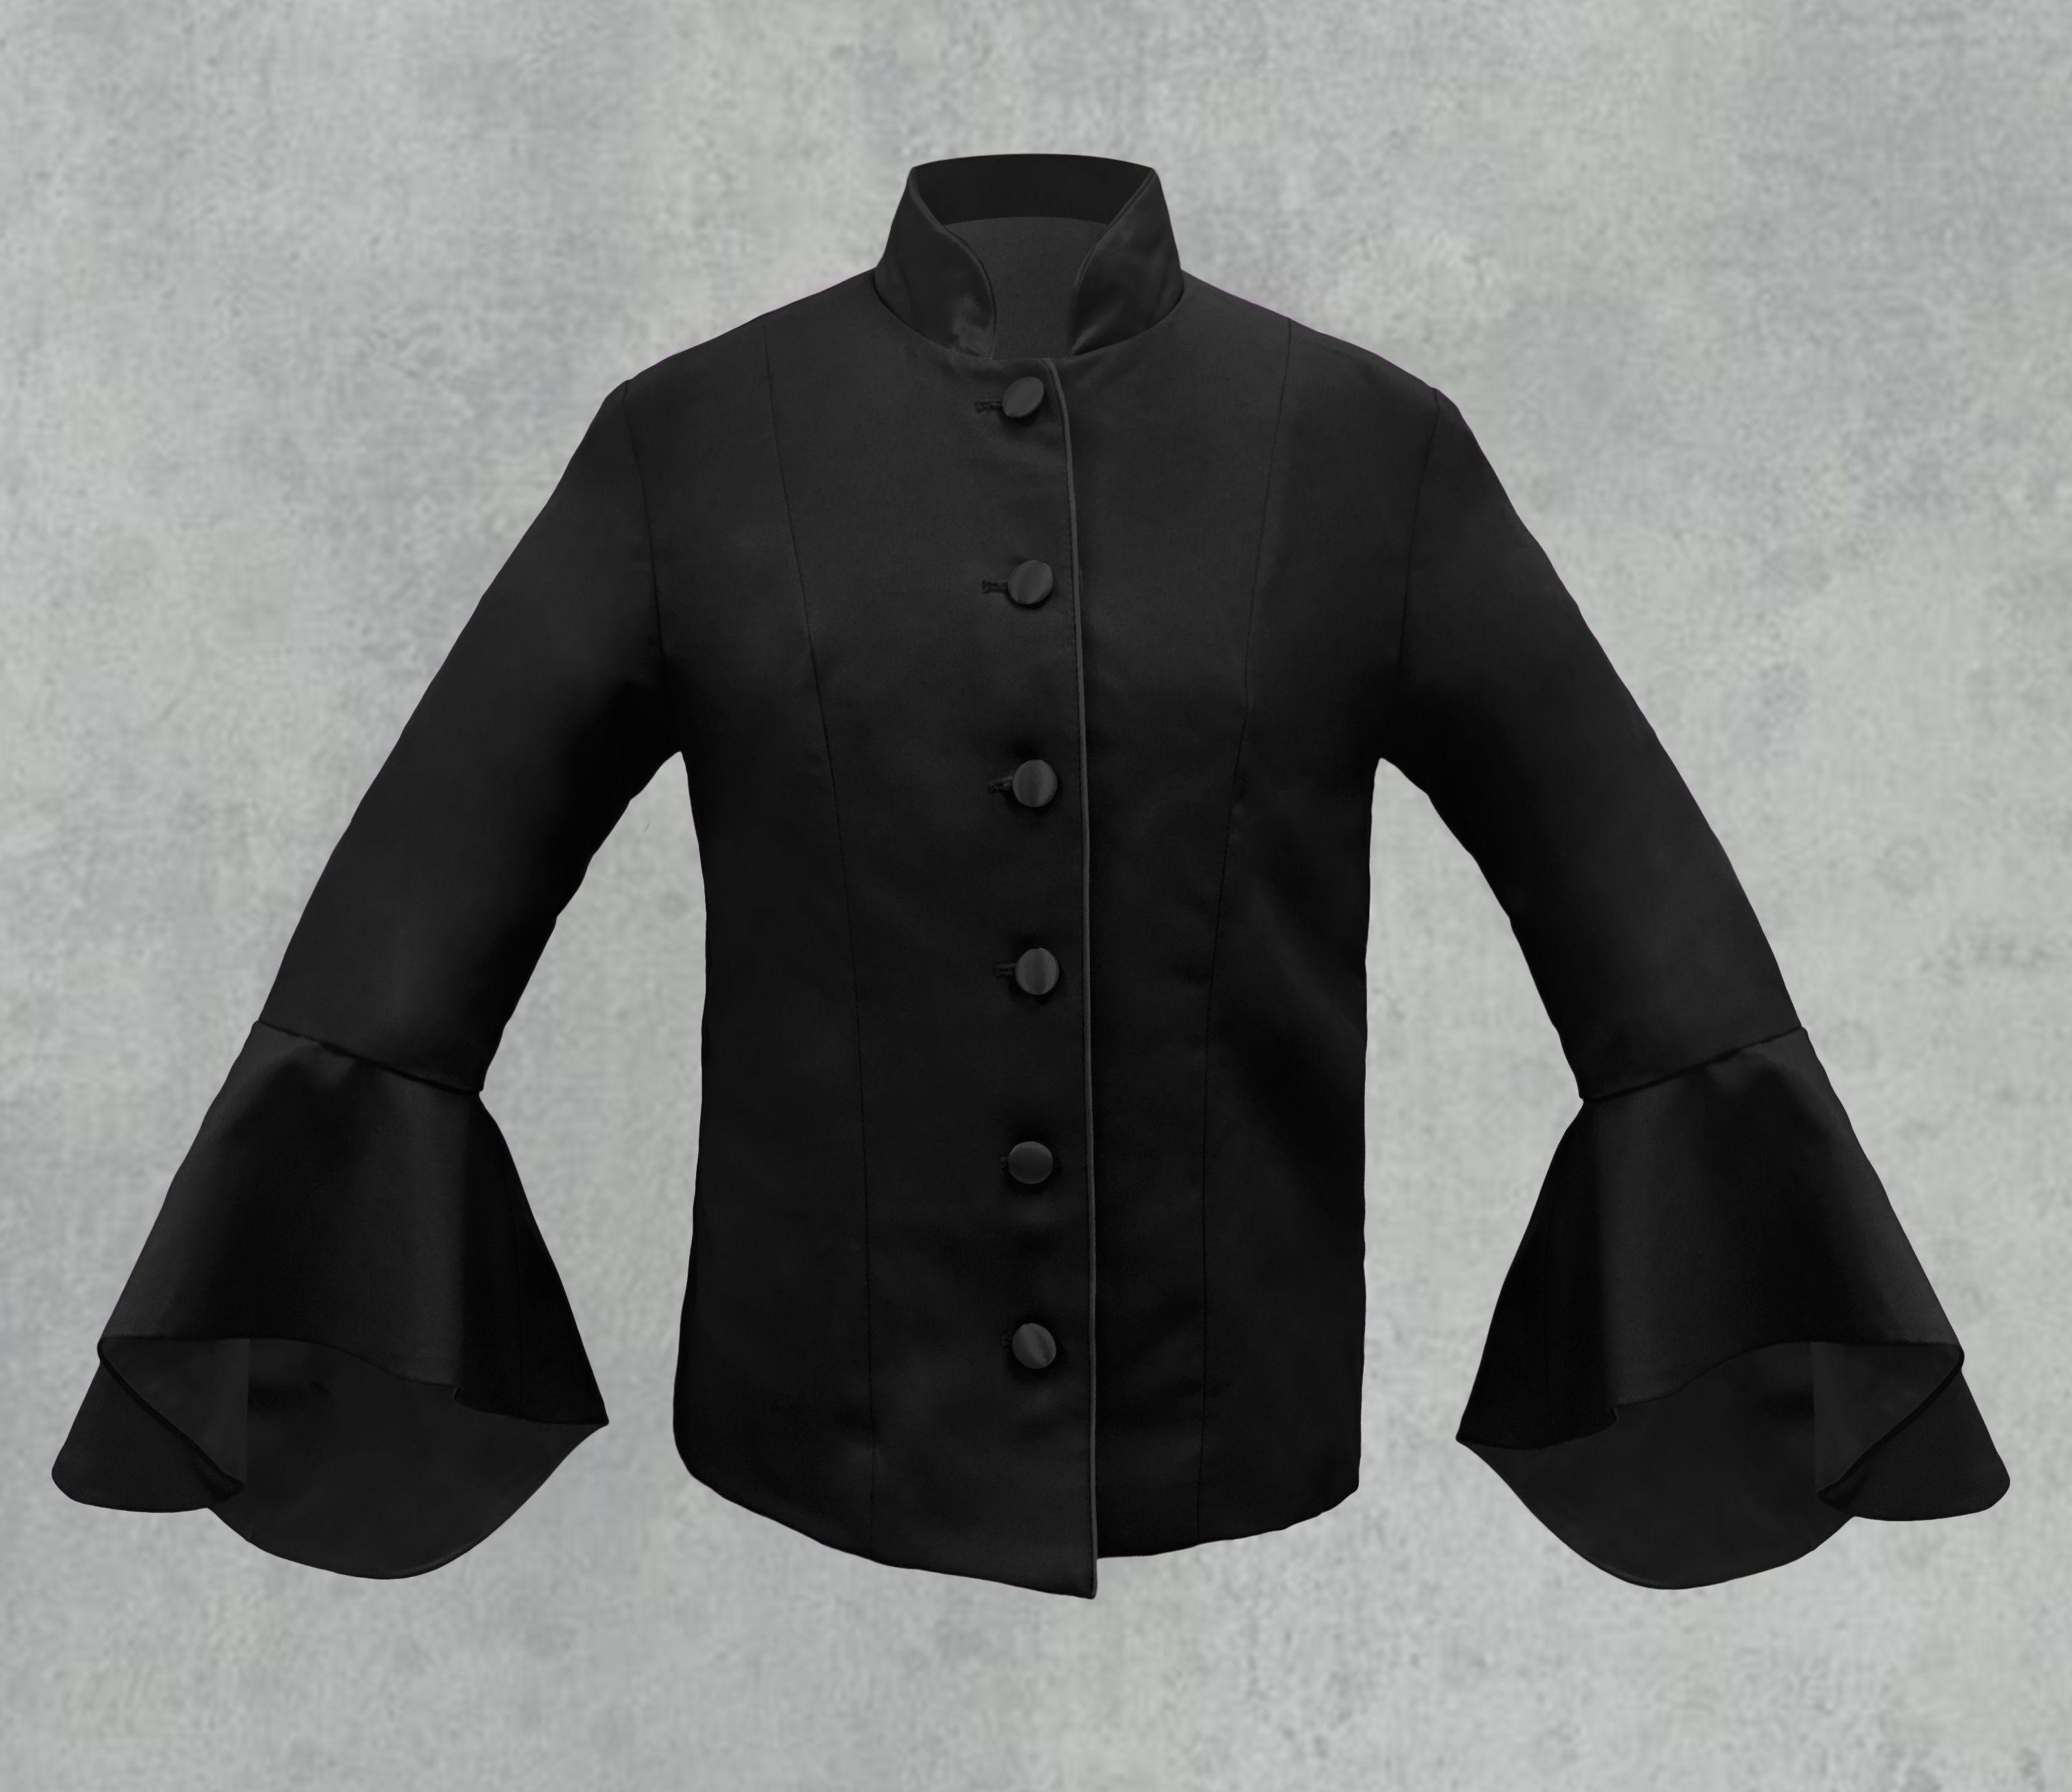 Black on Black Women's Clergy Jacket